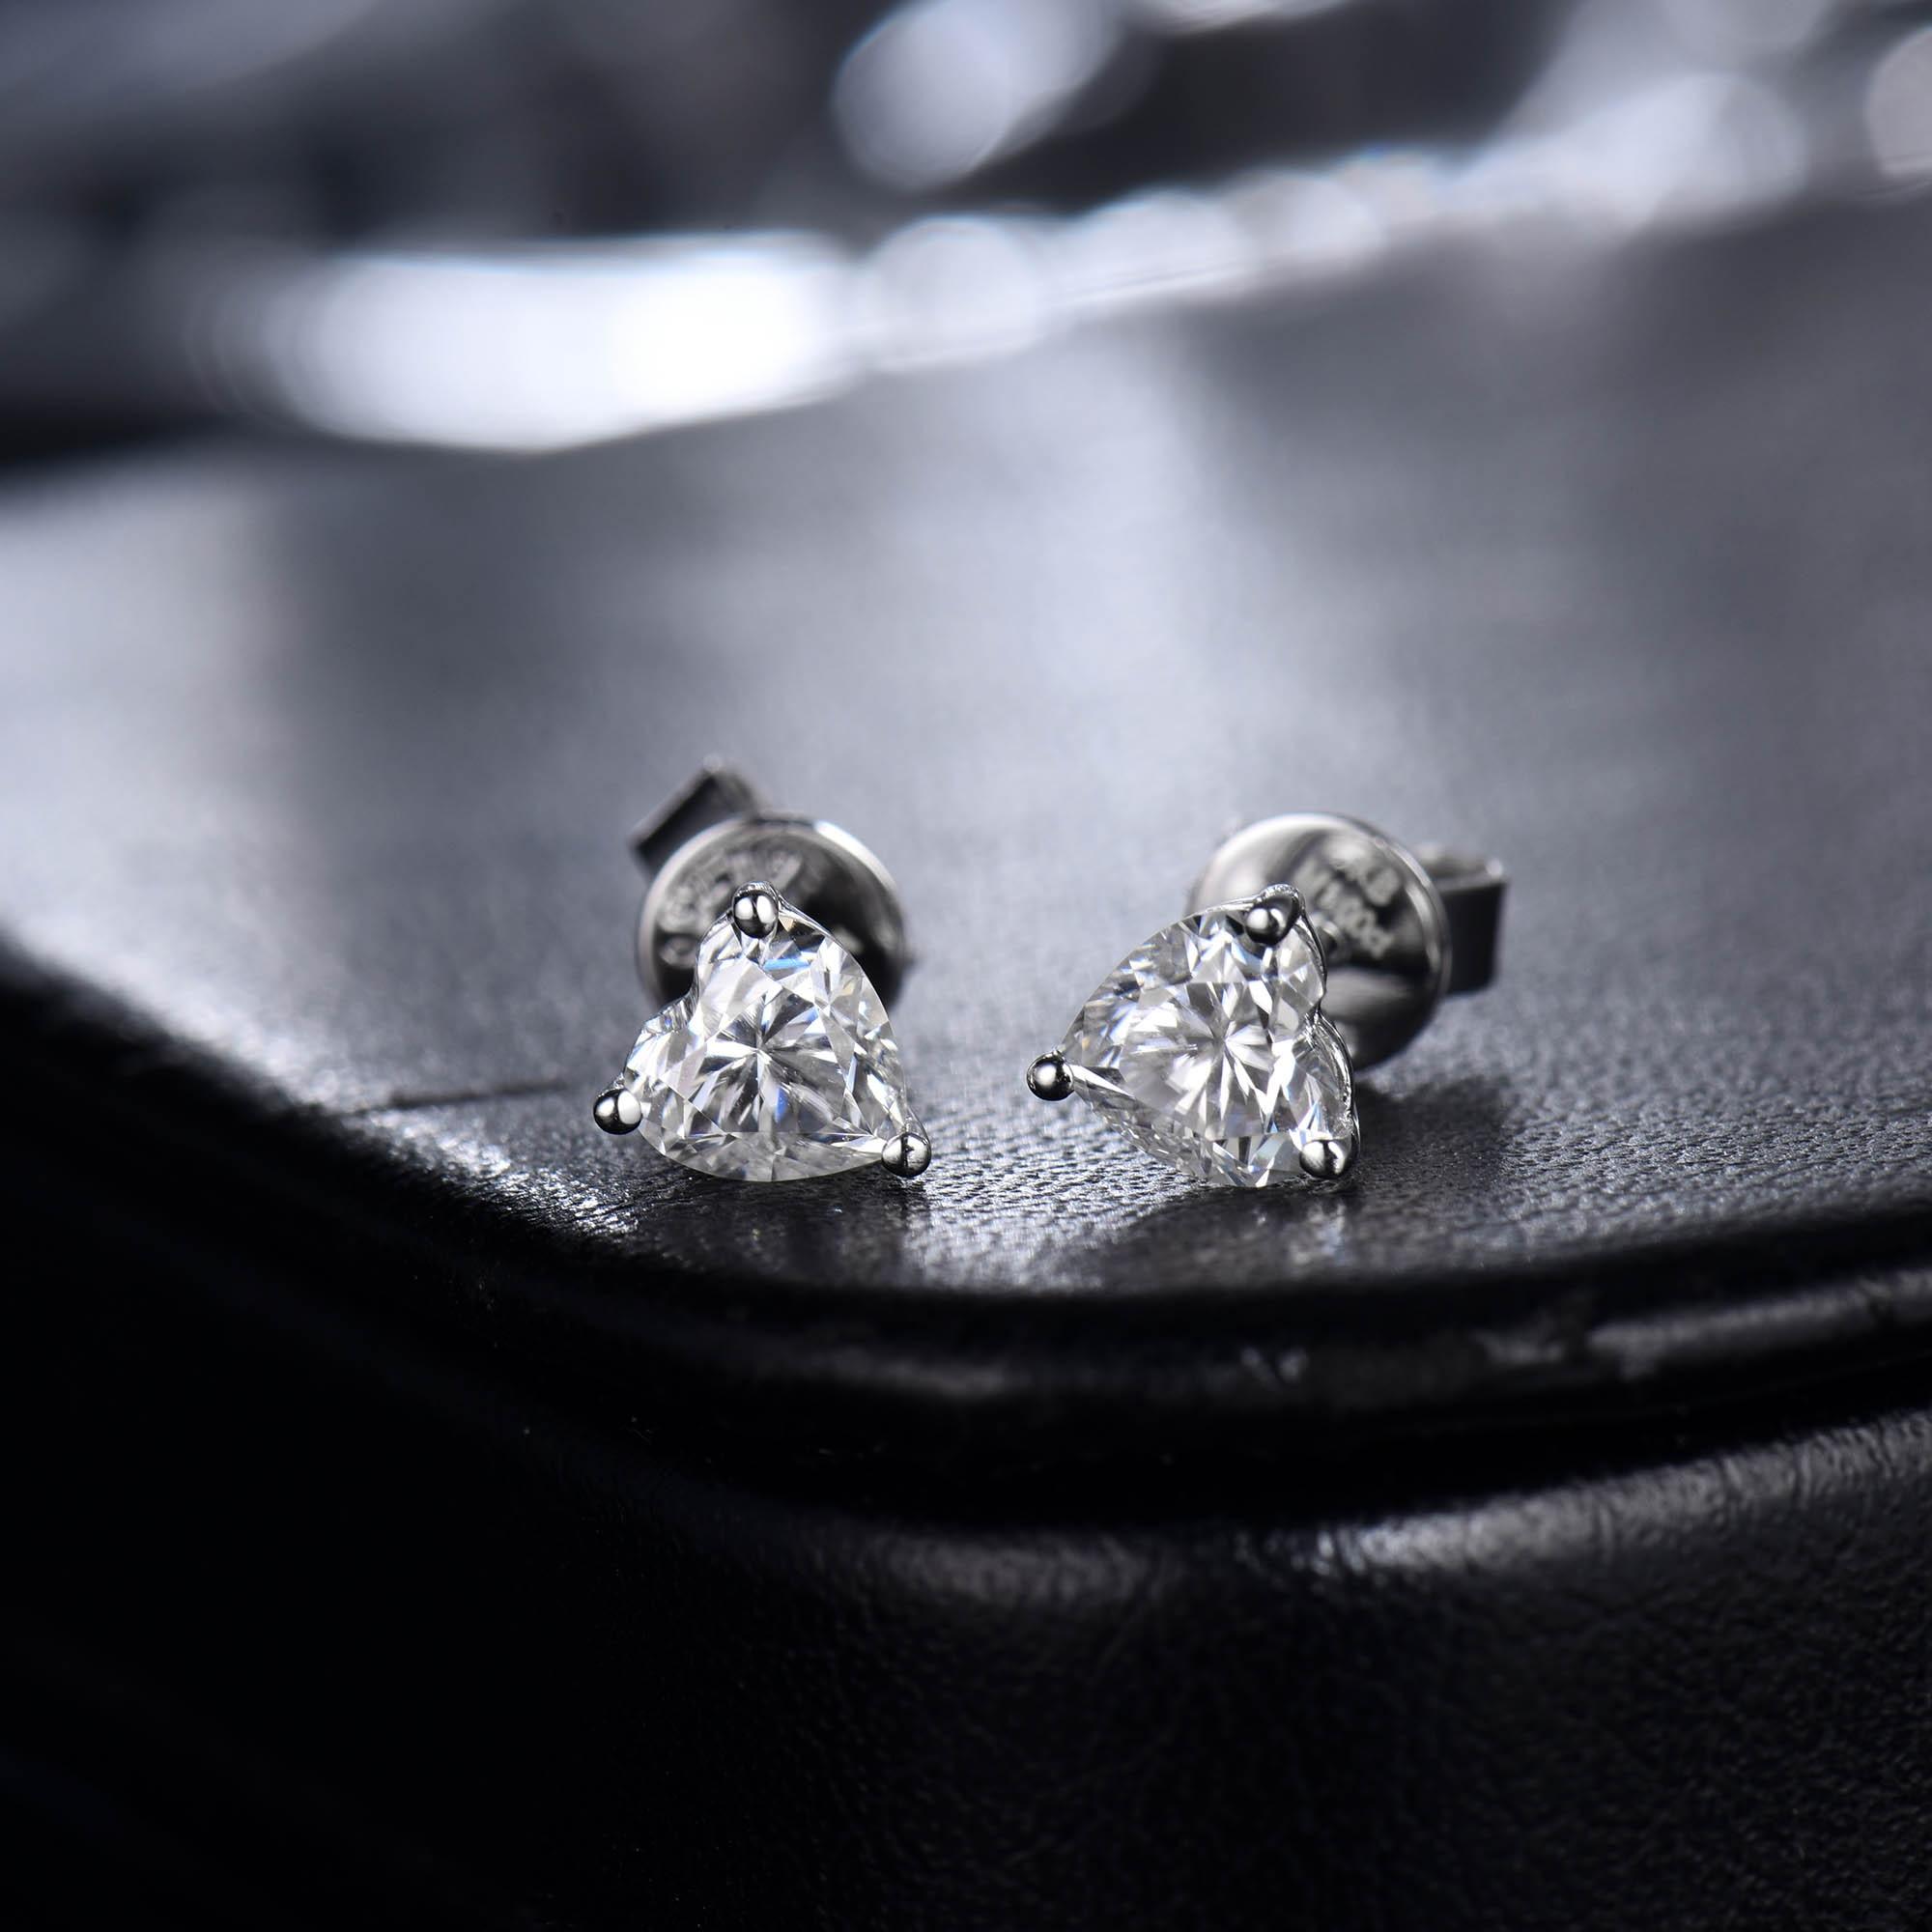 Femmes Moissanite boucles d'oreilles goujon solide 14K or blanc 1ct 2ct coeur brillant Moissanite pour Layd fiançailles OL Style bijoux de mode - 2